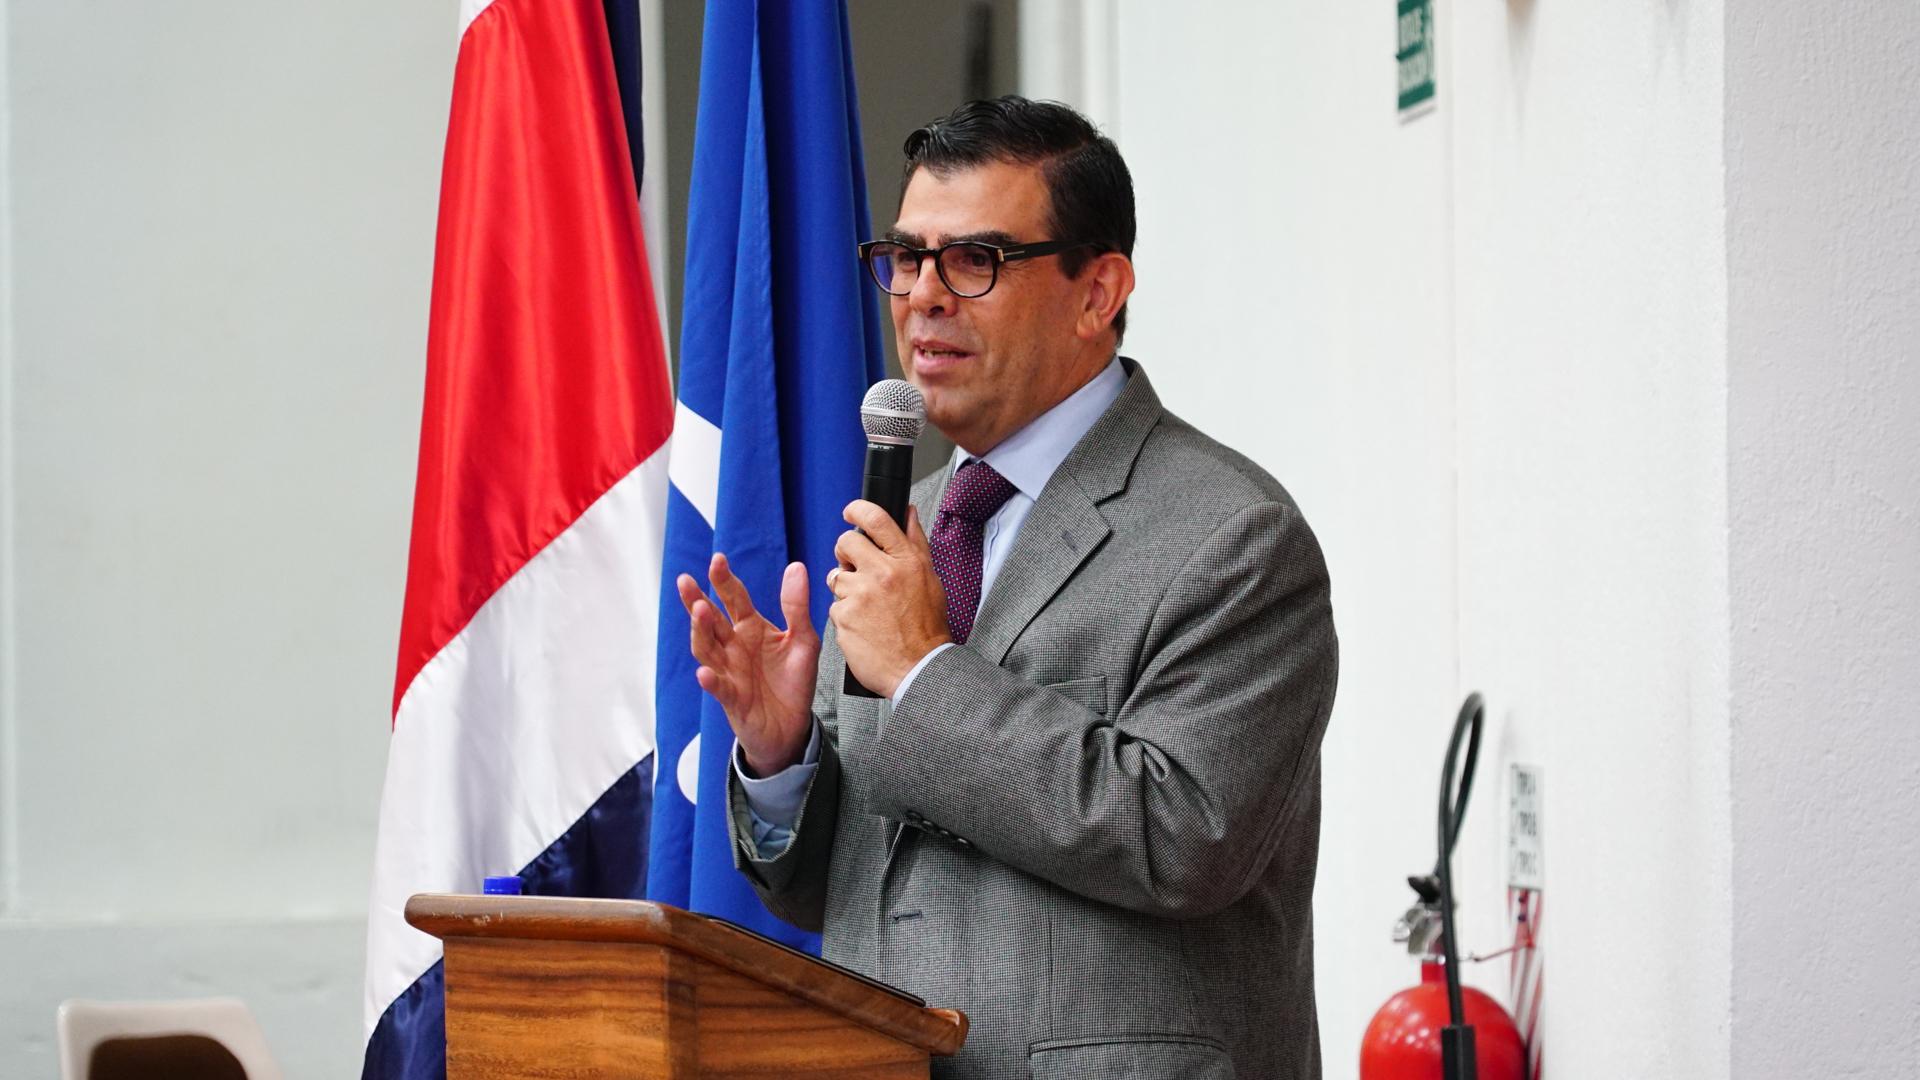 """Conversatorio """"Implementación de la Gestión por Resultados en el Desarrollo en el sector público de Costa Rica"""" contó con el ICAP como expositor"""